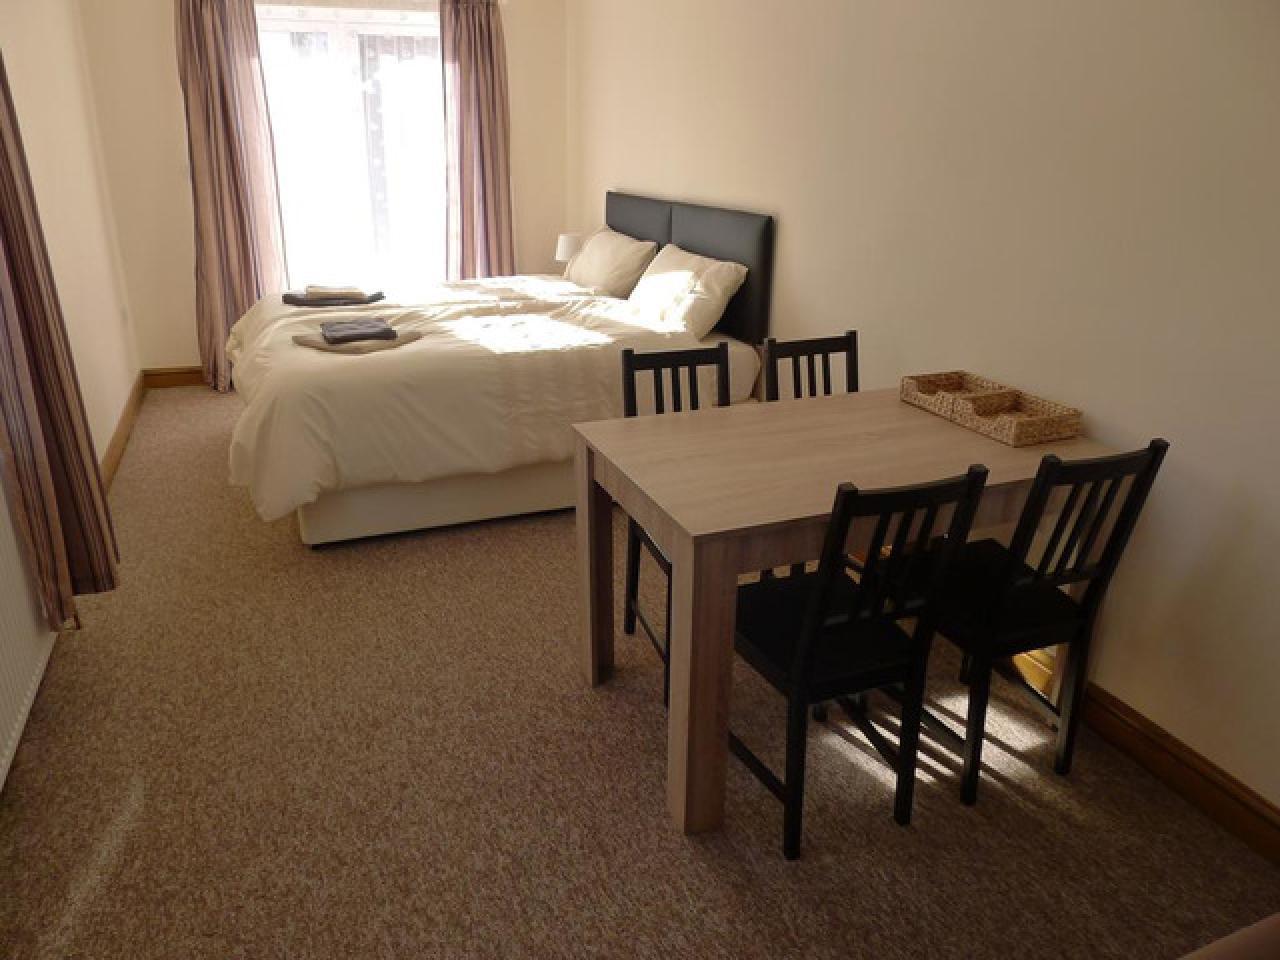 Требуется работоспособная уборщица в новый мини отель, хорошие условия - 5